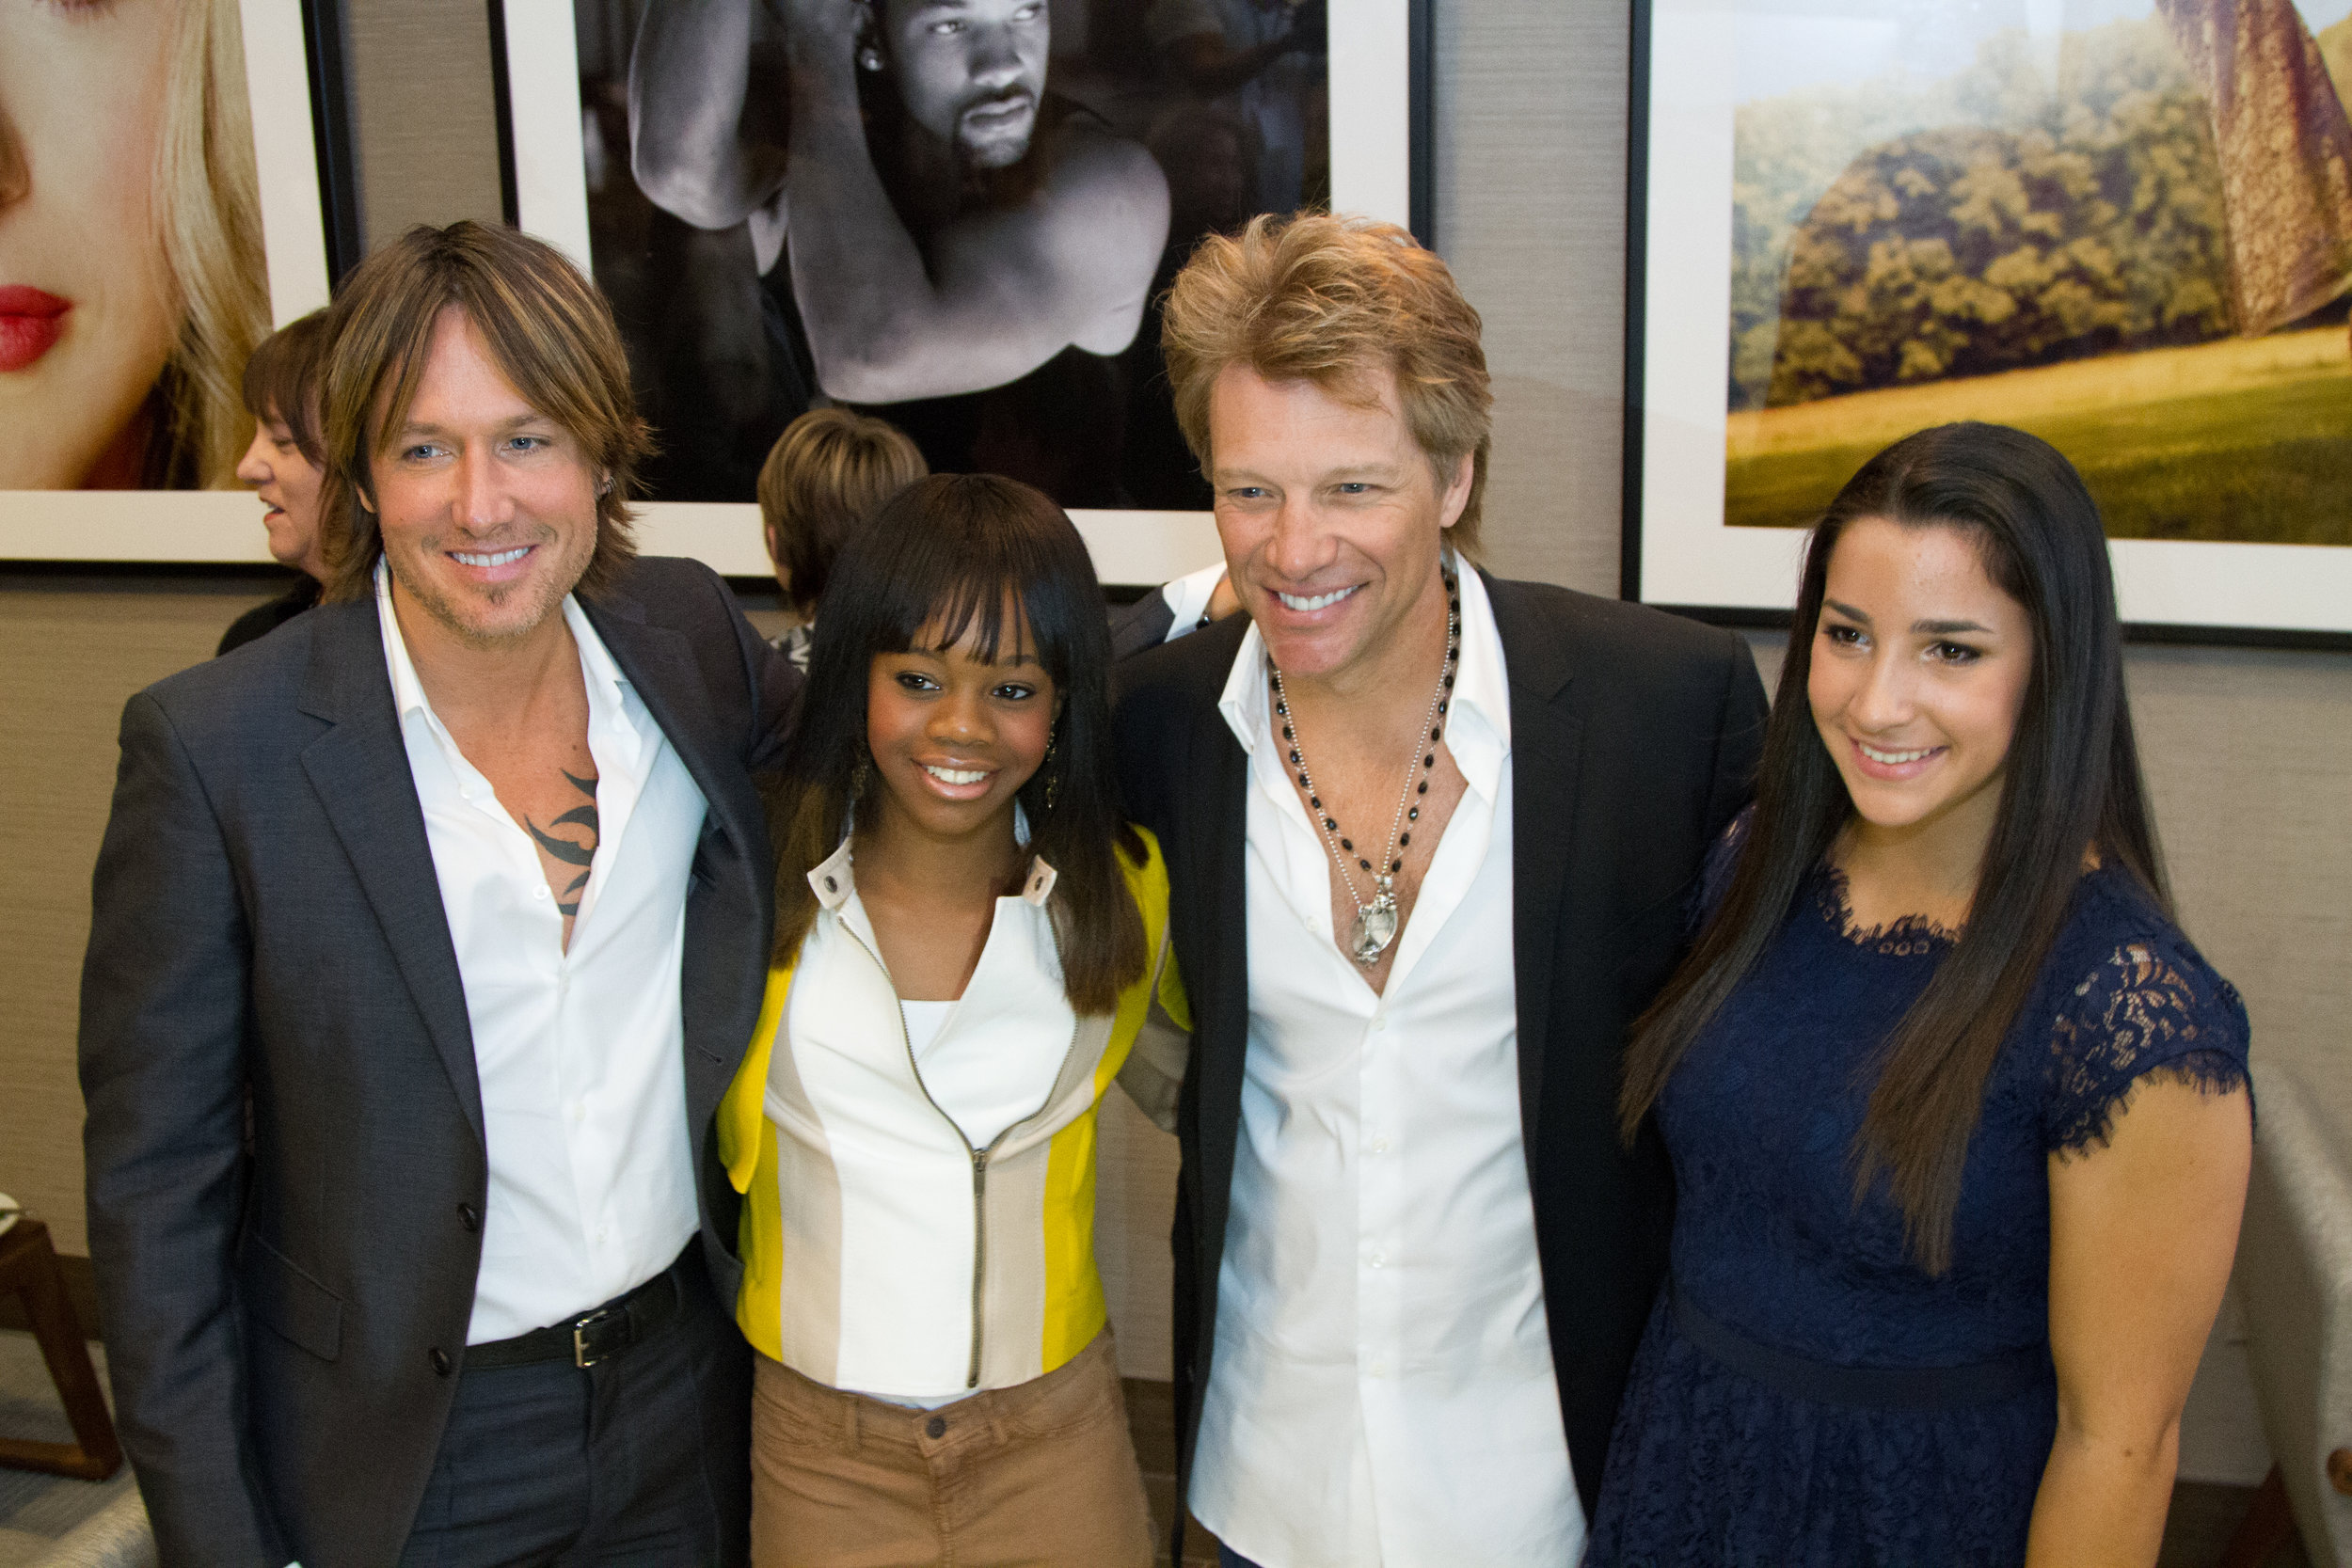 Keith and Bon Jovi with gymnasts Gabby Douglas and Aly Raisman.jpg